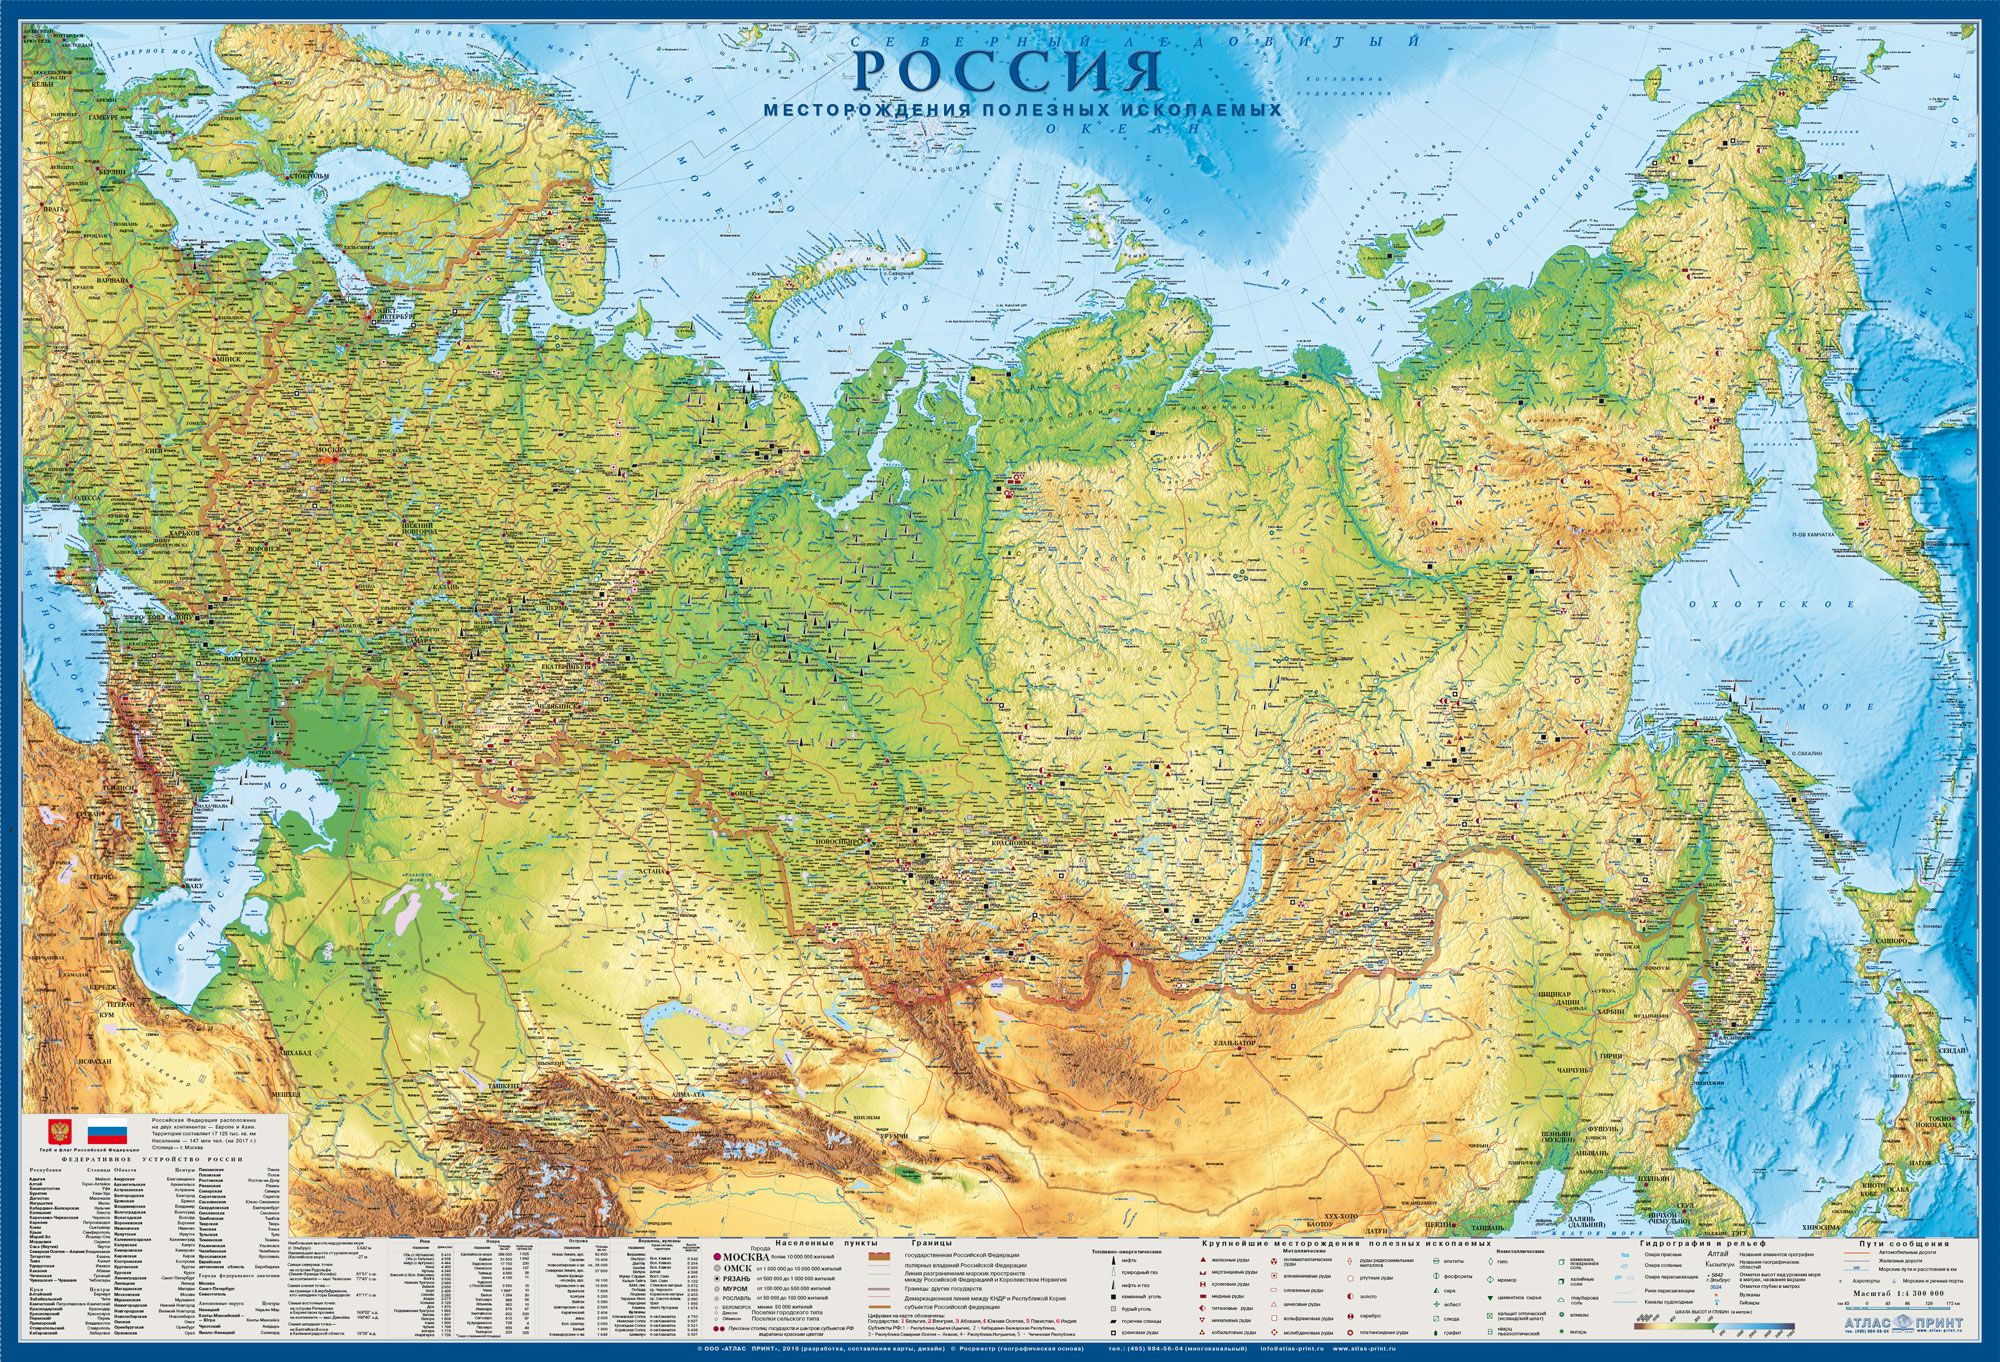 Настенная карта месторождений полезных ископаемых России 2,00*1,36 м, ламинированная